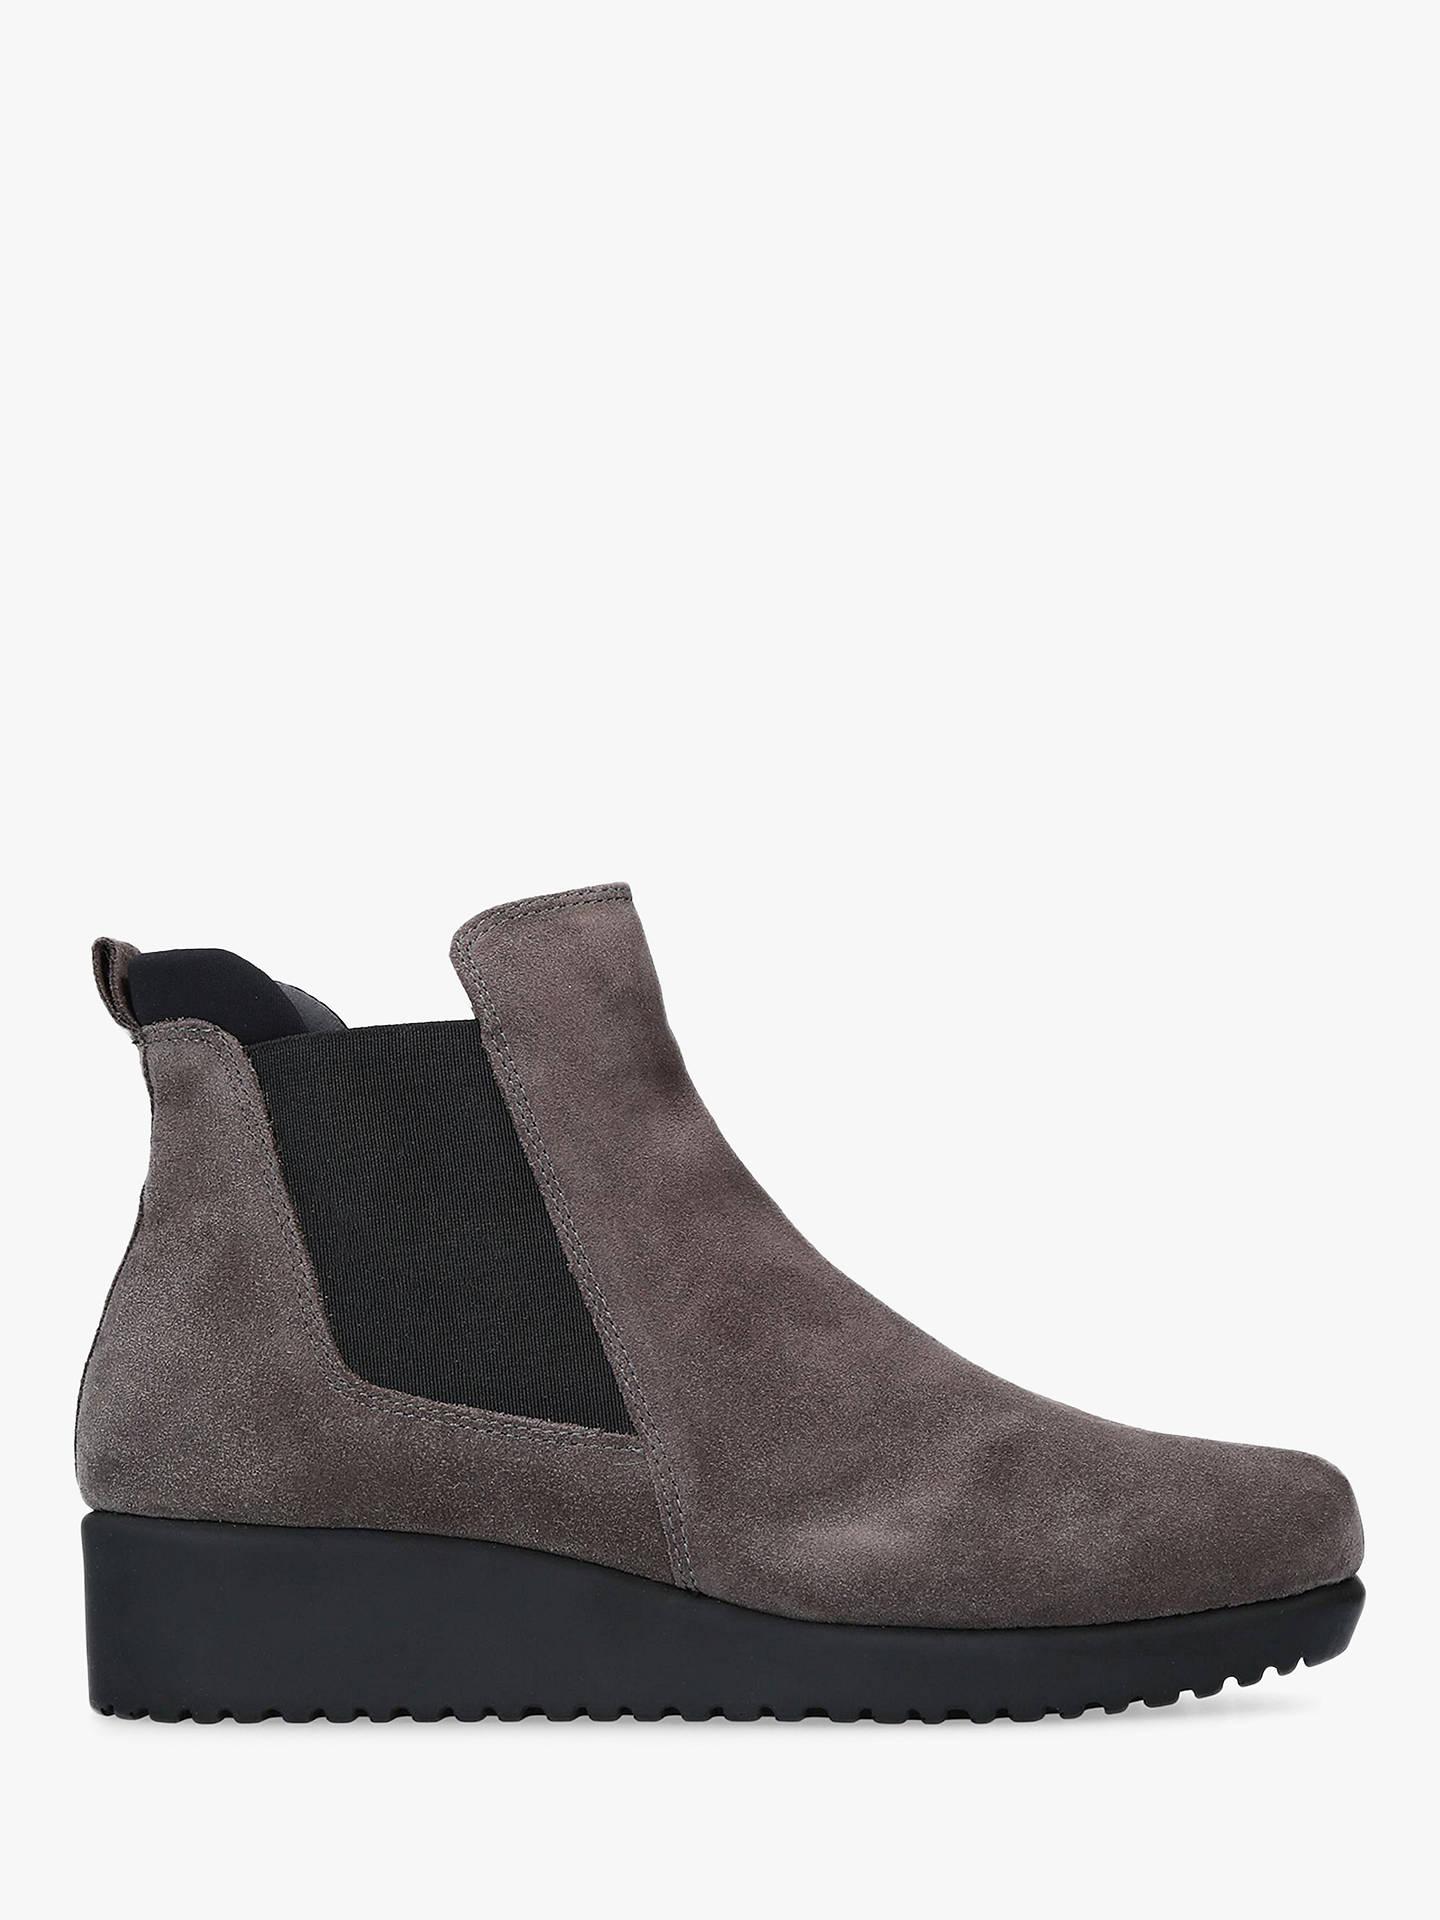 456ba86d1893 Buy Carvela Comfort Regina Wedge Heel Ankle Boots